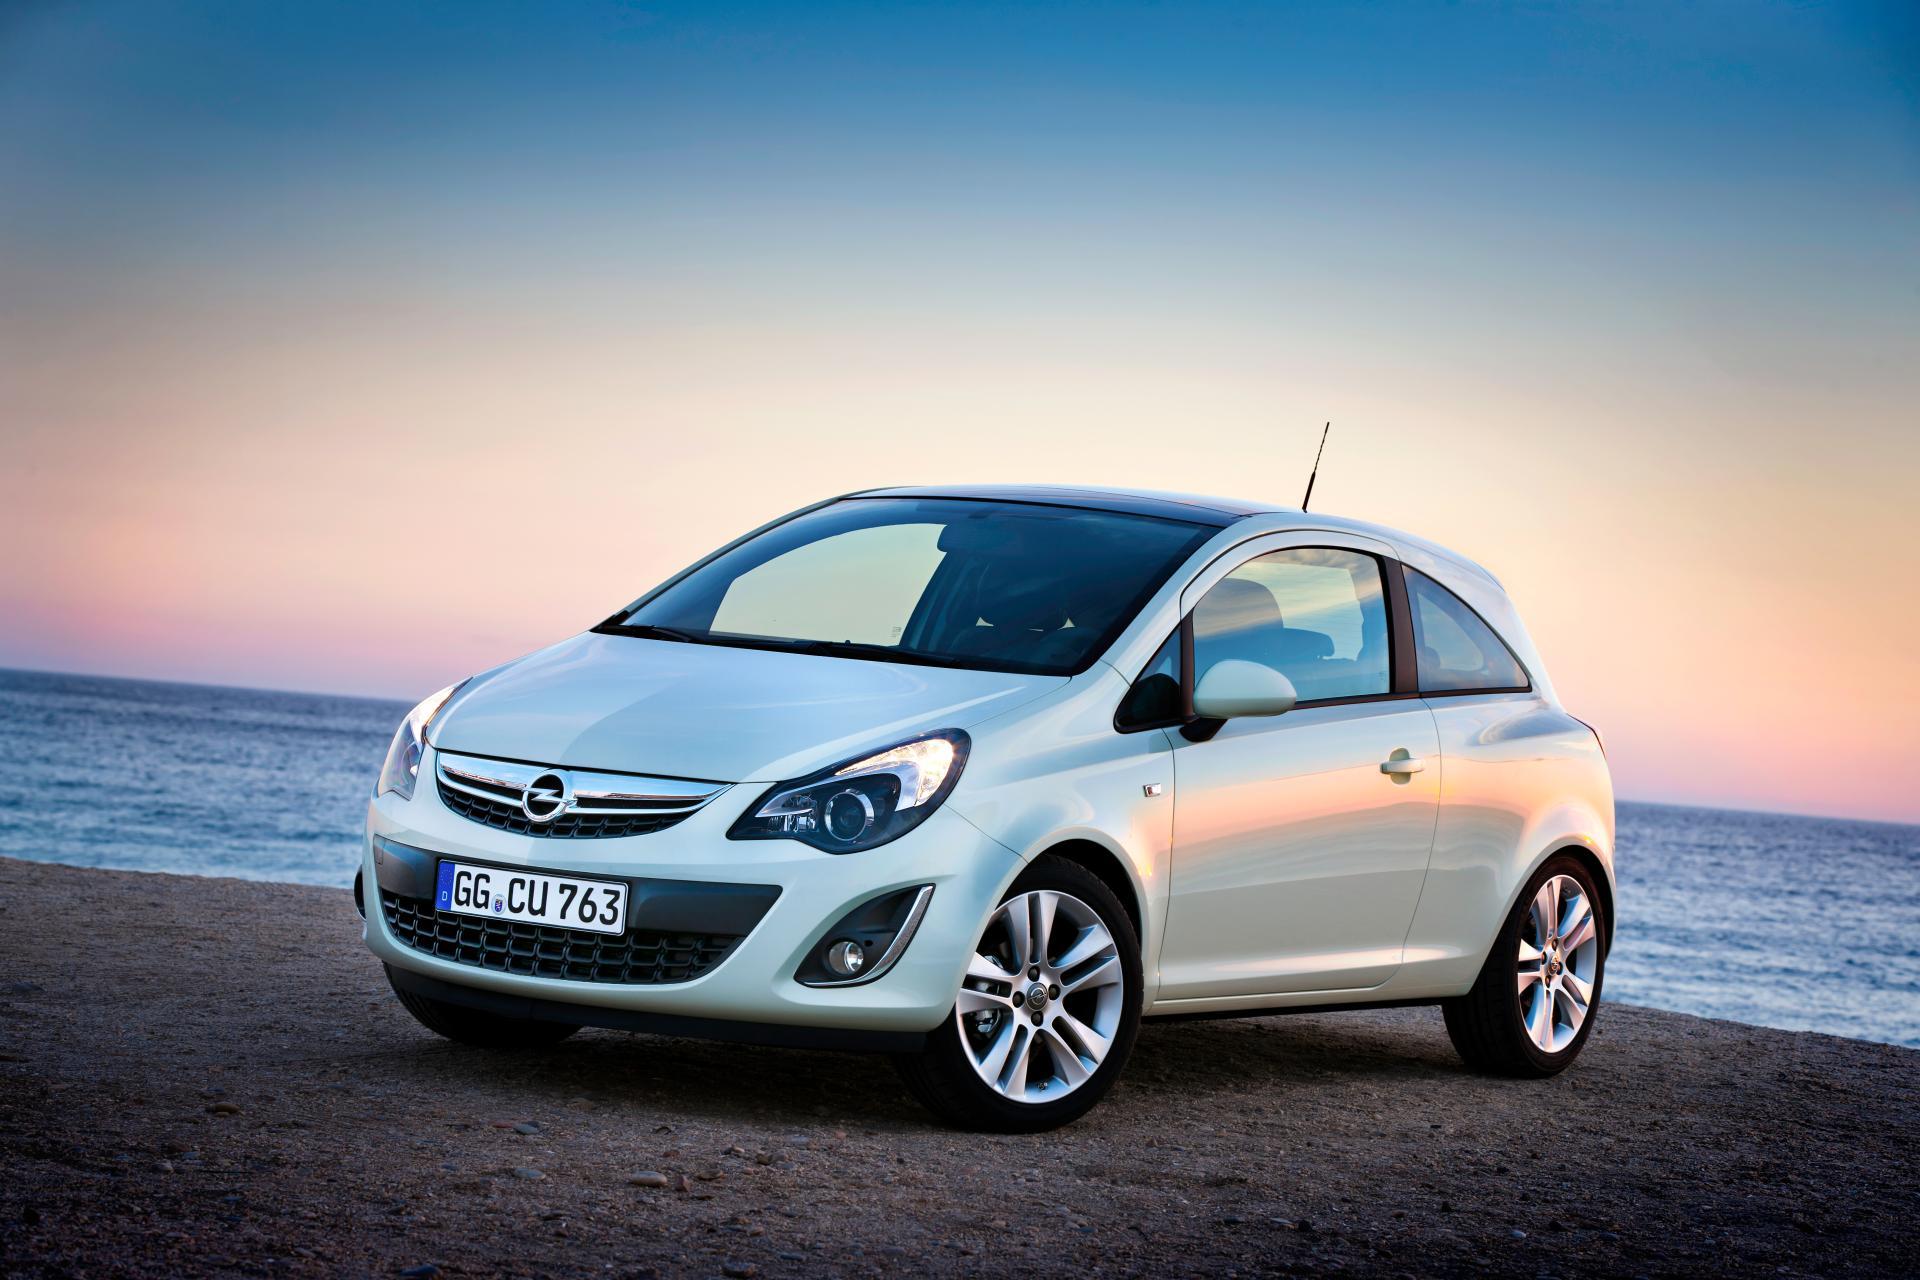 Satılık 2012 model Opel Corsa